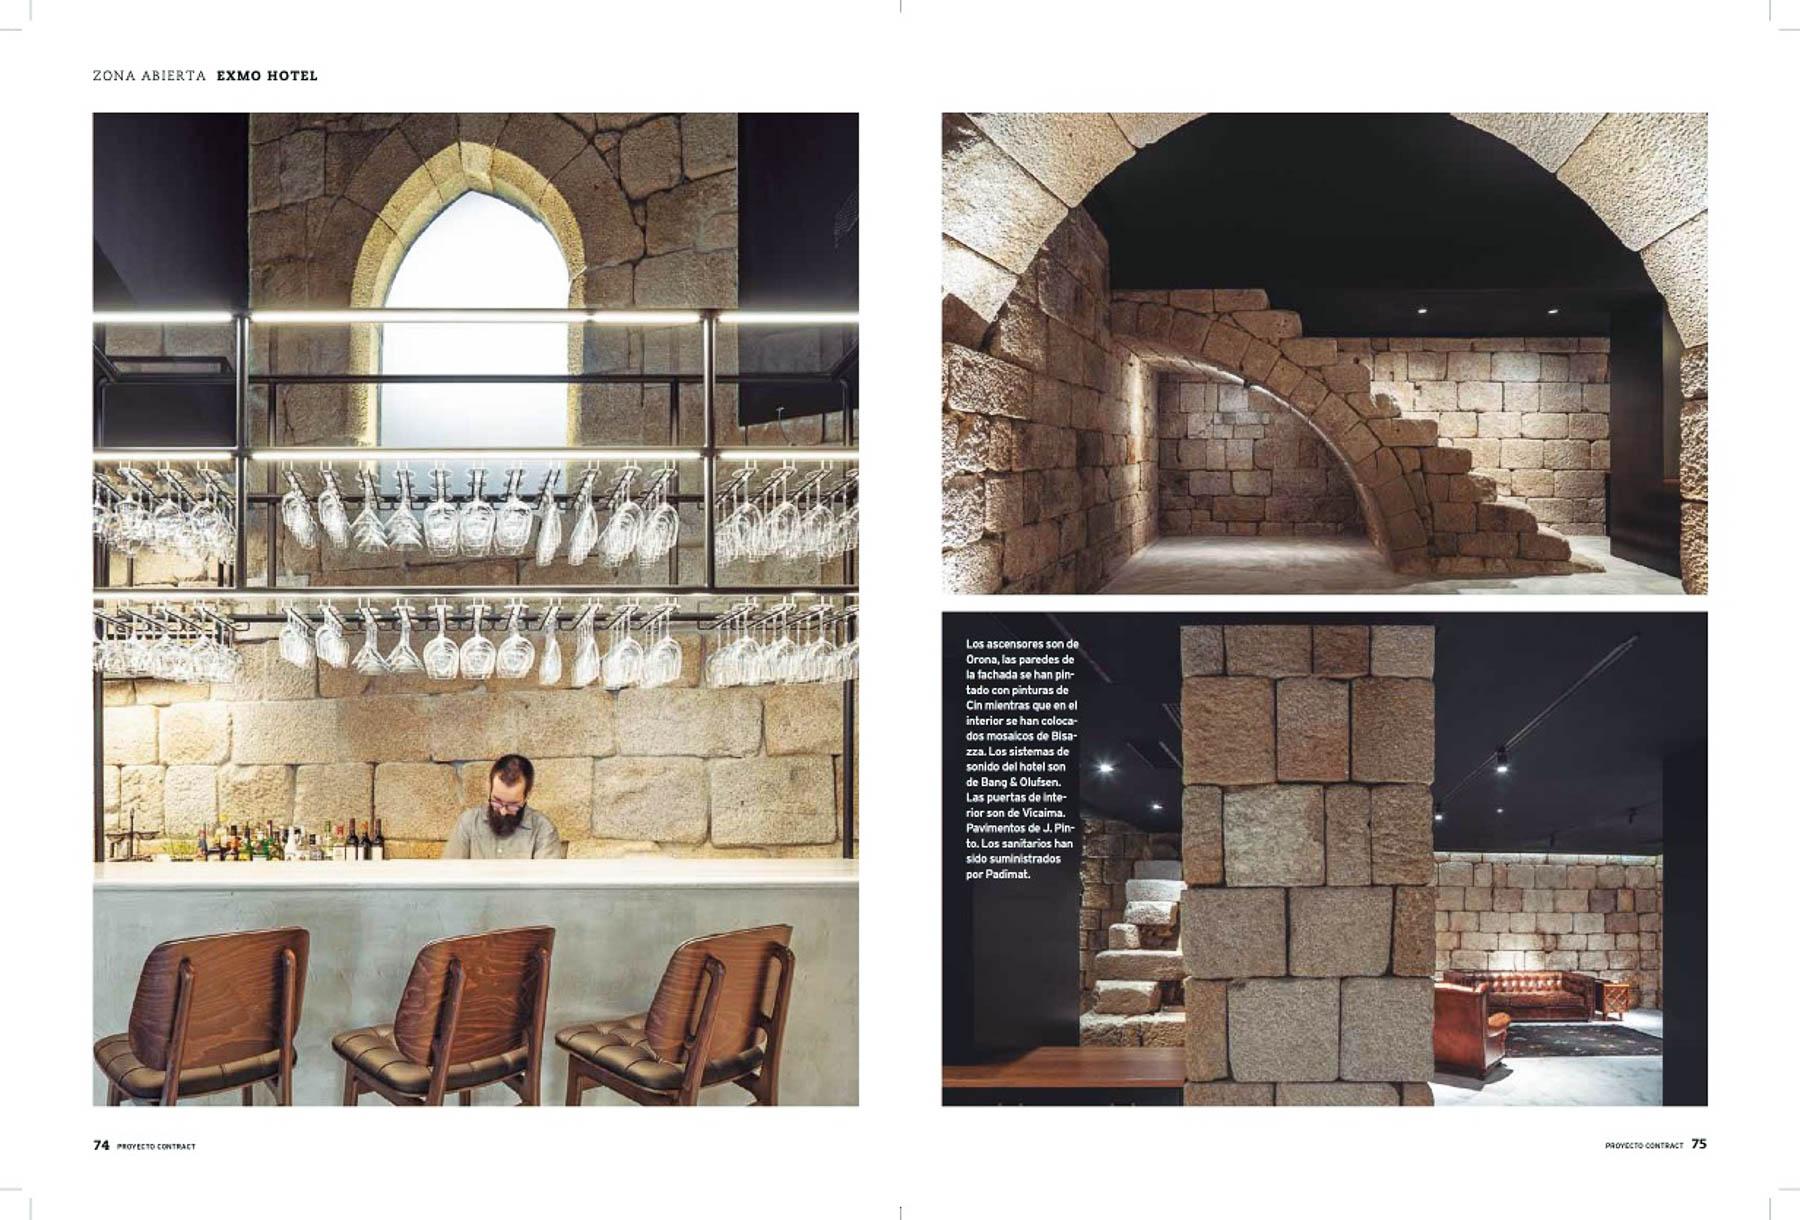 Revista Proyecto Contract Com O Exmo Hotel No Porto Do Atelier F do fotografo Ivo Tavares Studio